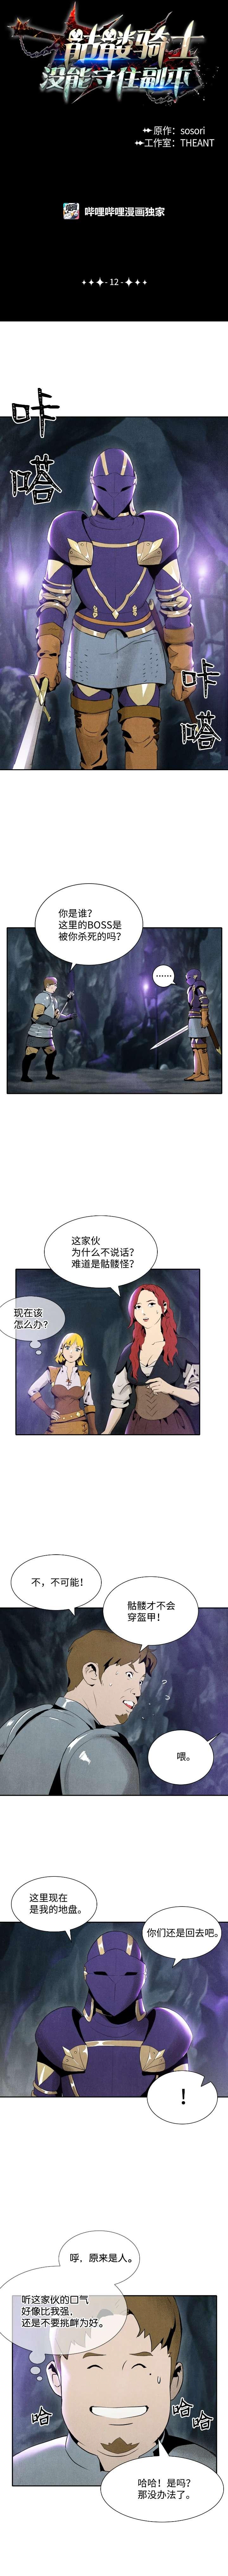 【漫画更新】骷髅骑士没能守住副本-小柚妹站